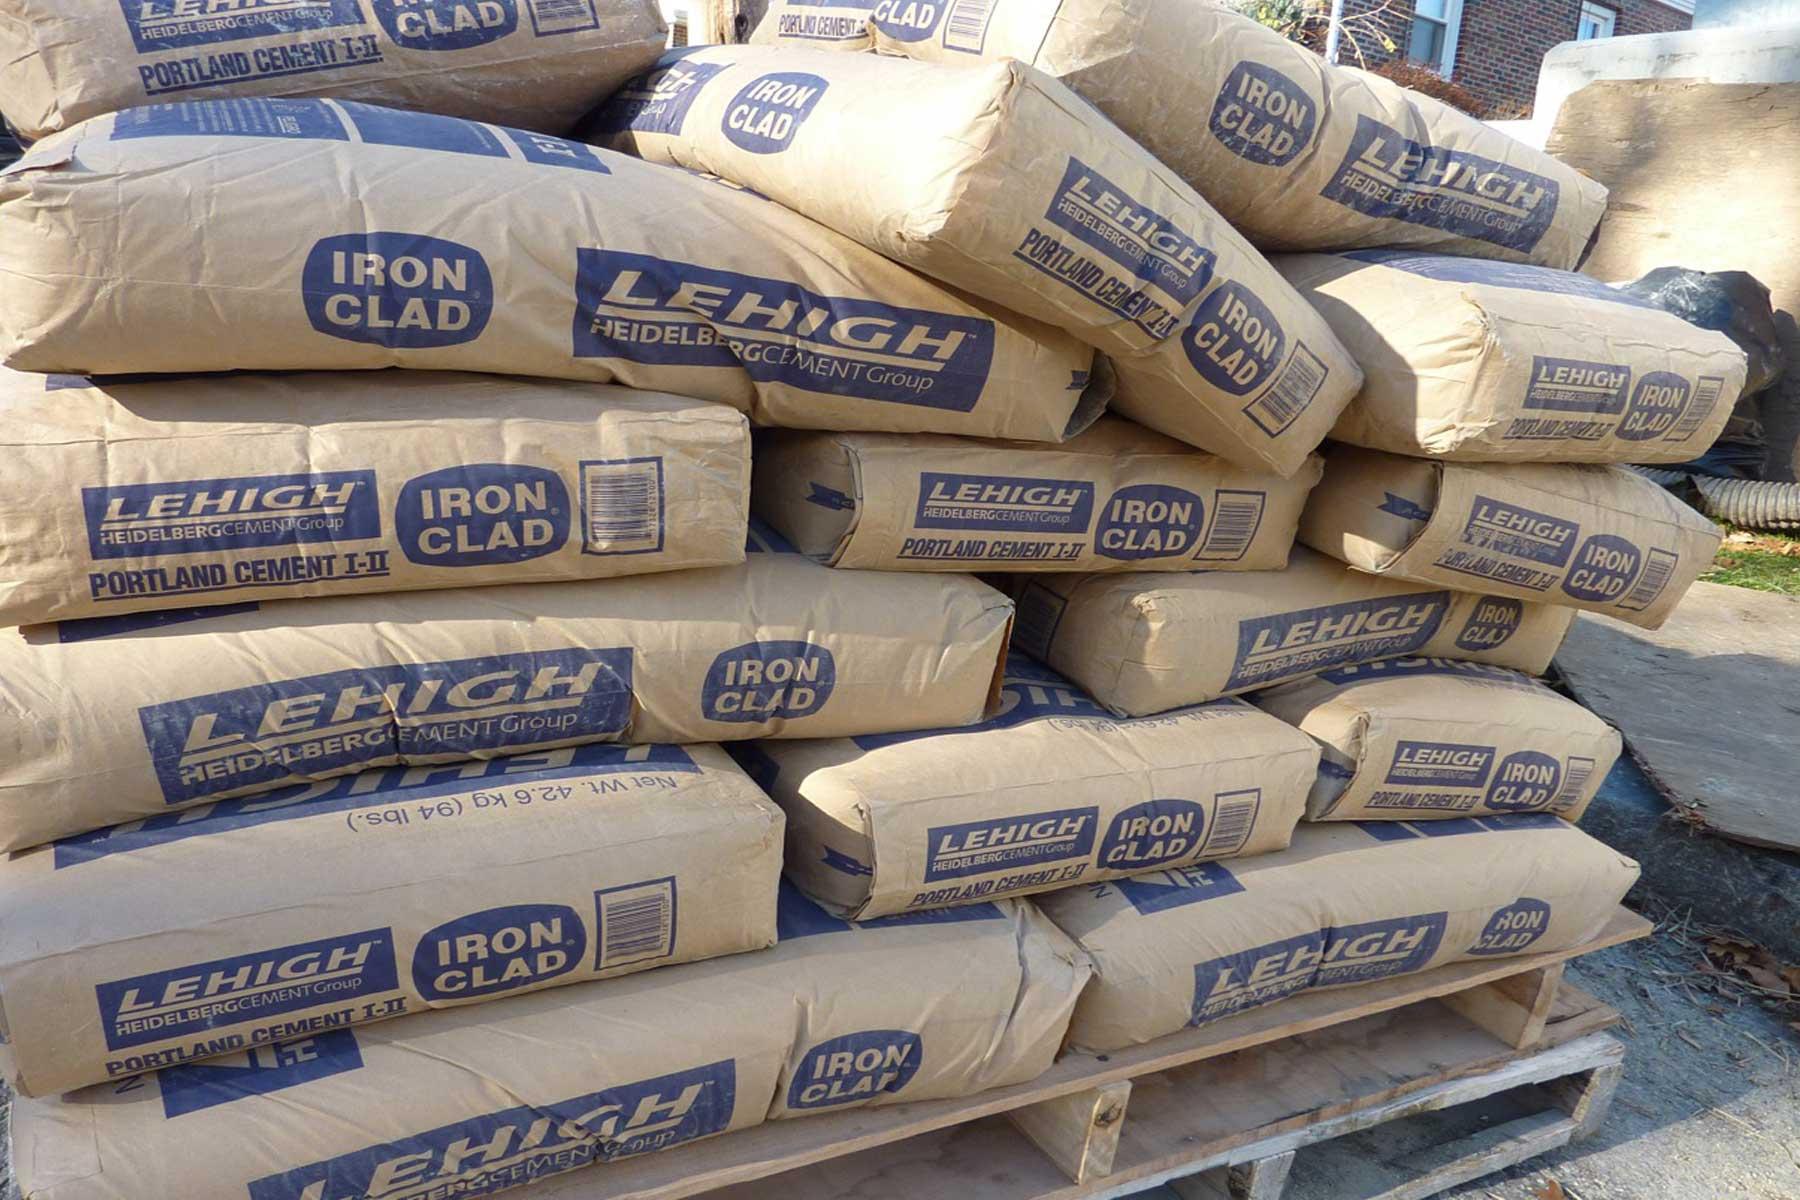 استقبال سرمایه گذاران از اوراق سلف موازی استاندارد سیمانی ها در بورس کالا